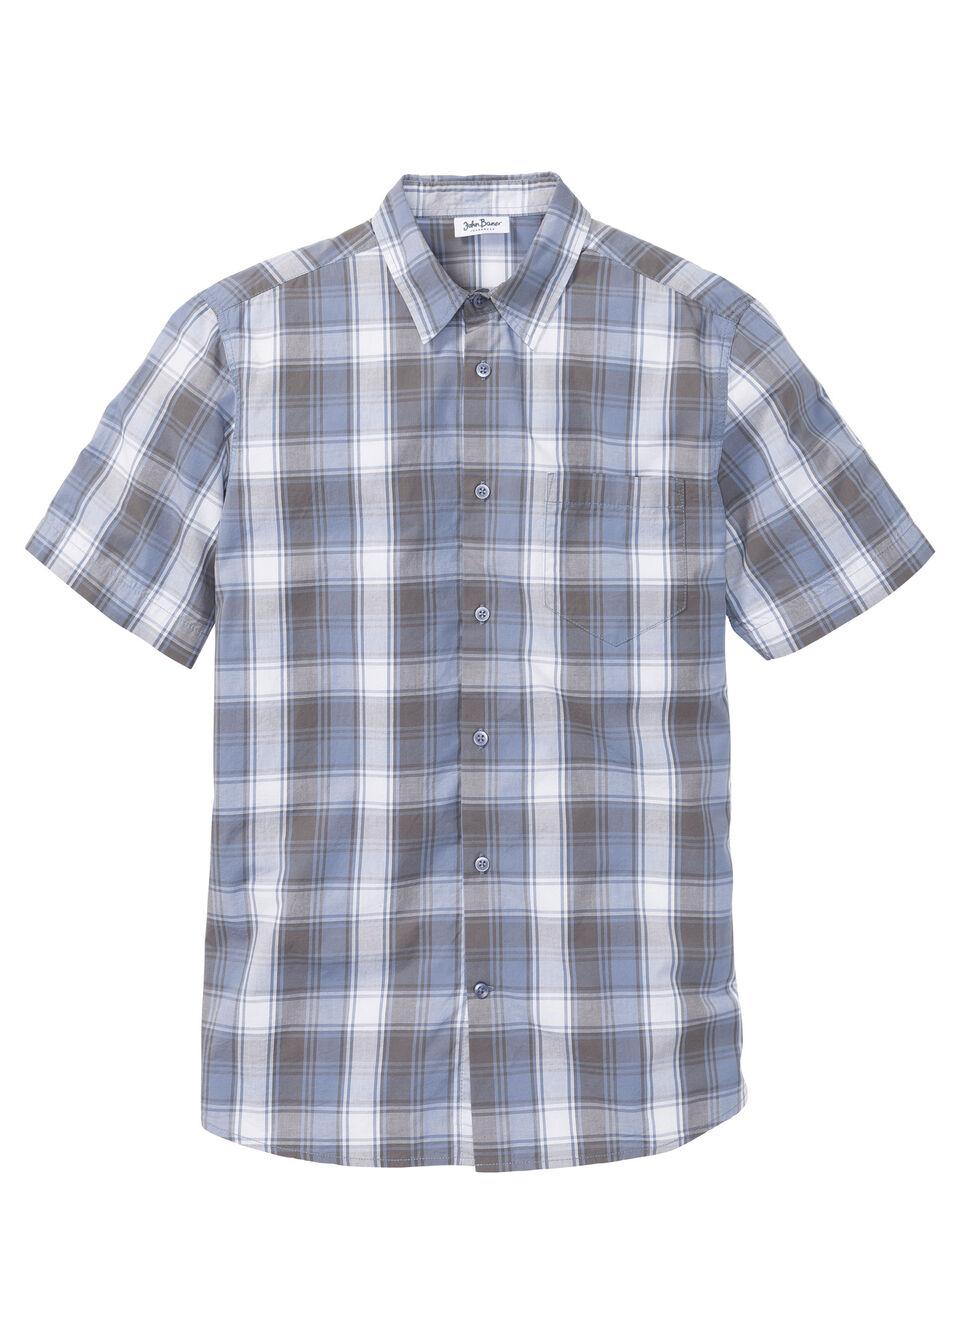 1a5d10f1a4d4 Košeľa s krátkym rukávom so špeciálnym strihom bonprix